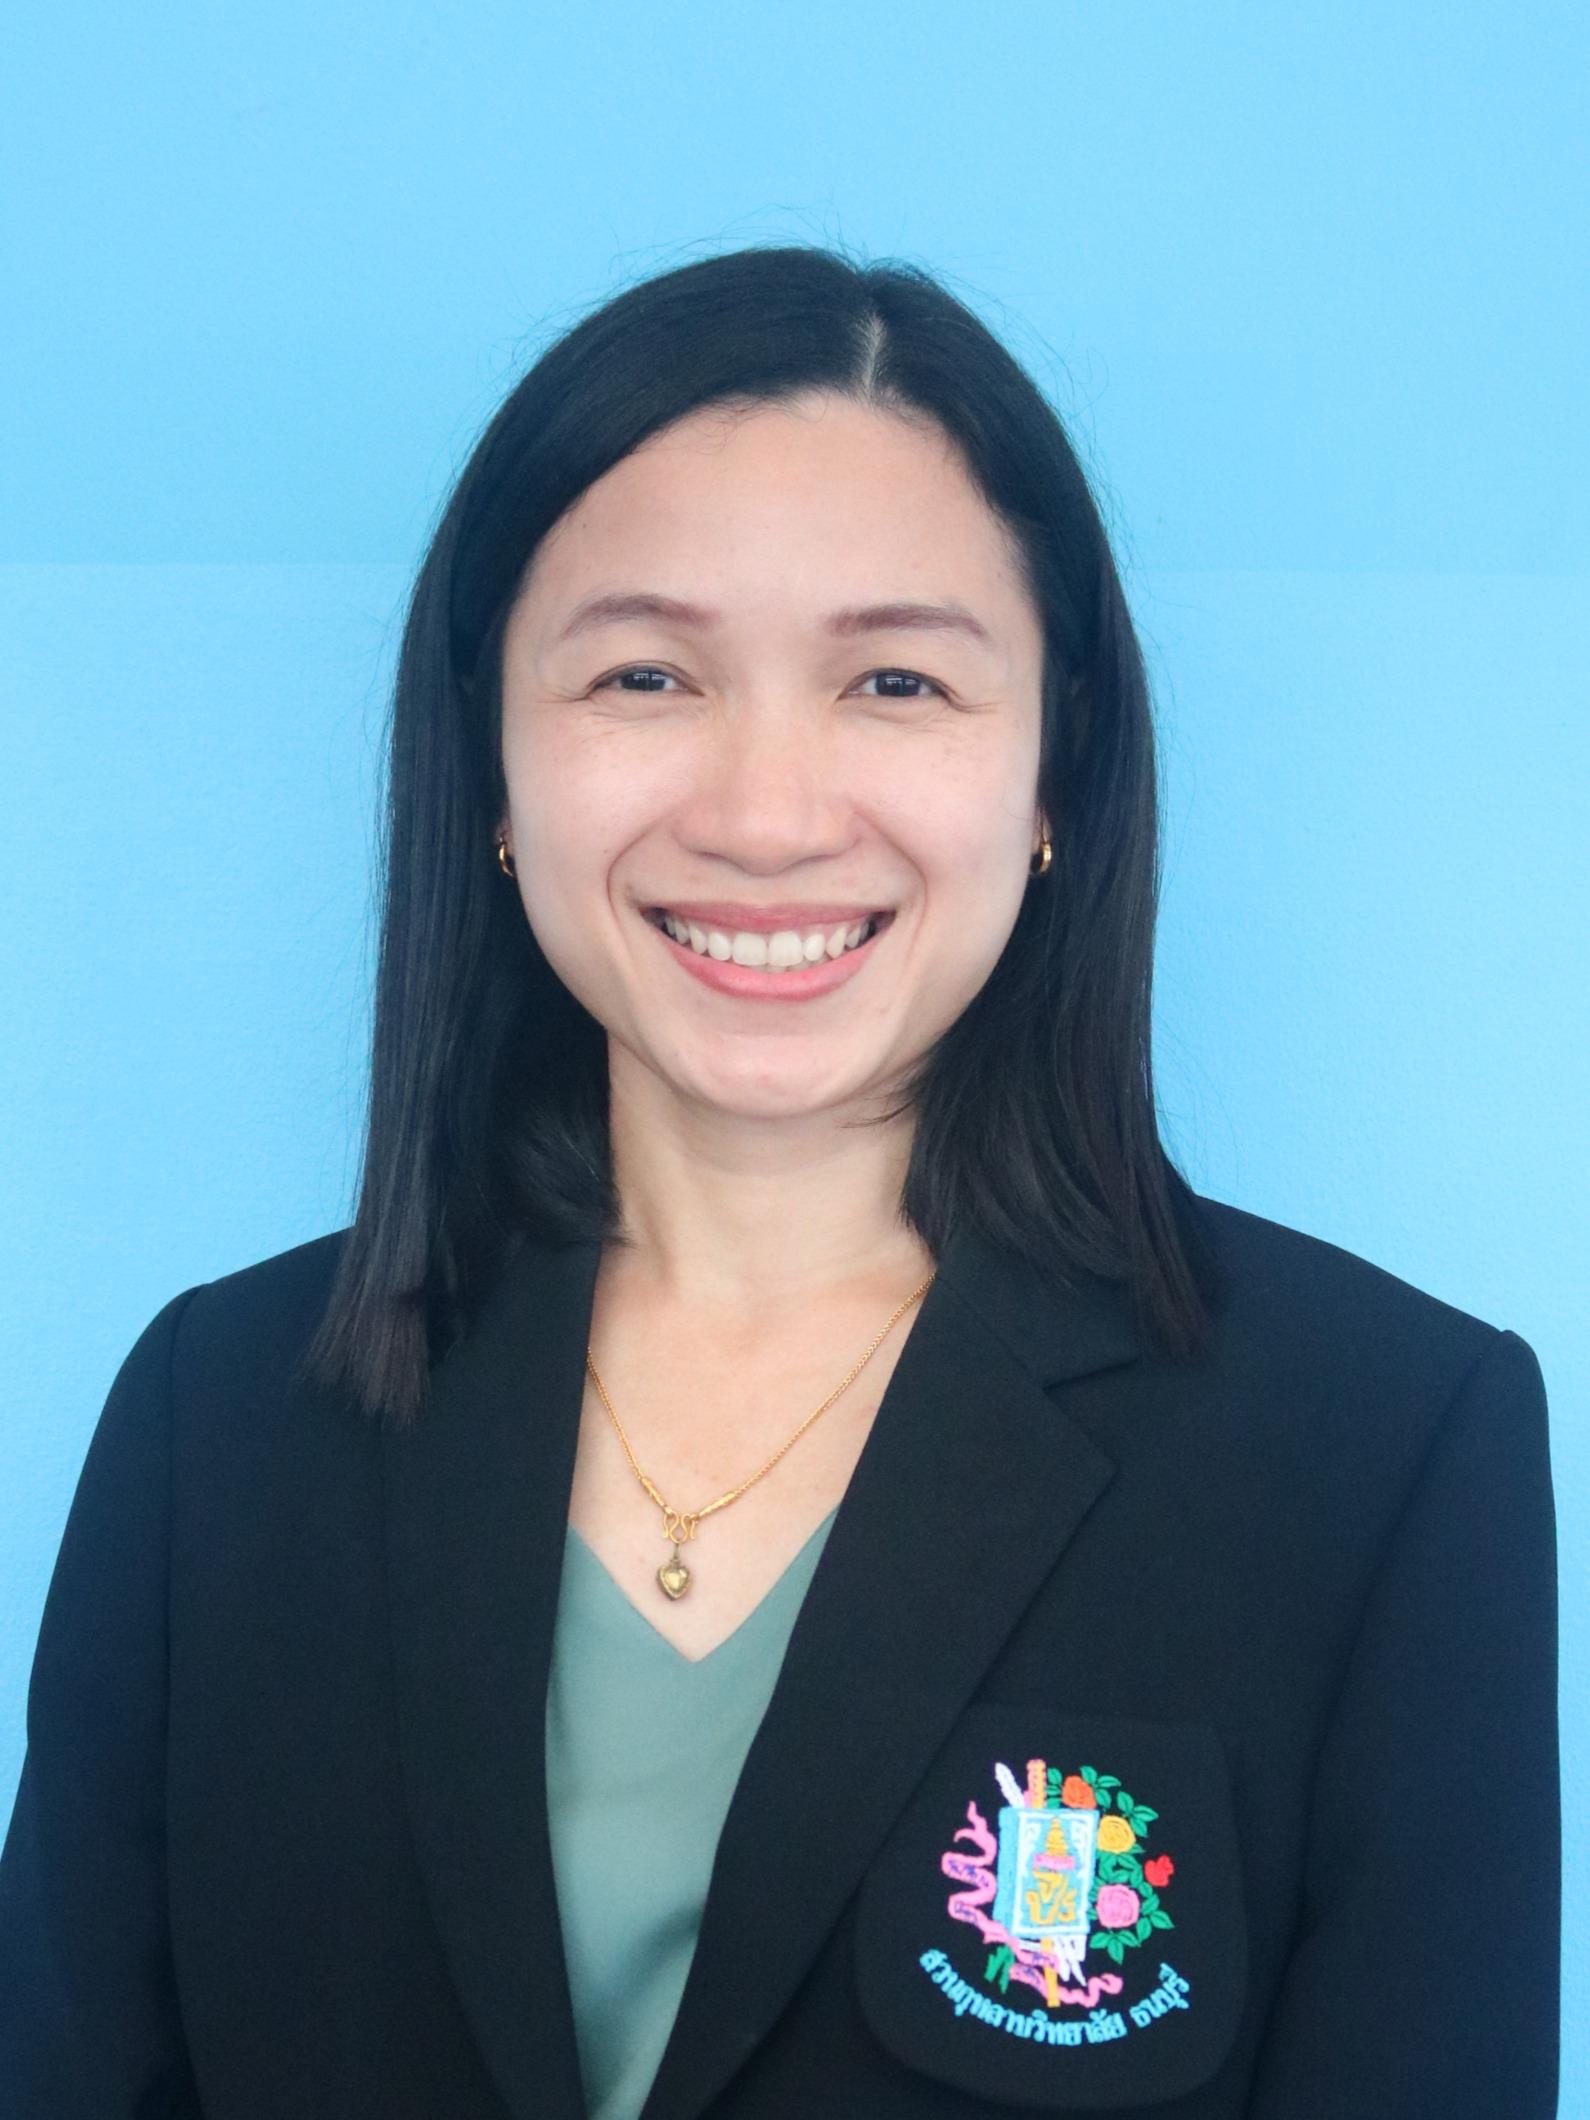 Ms. Patamapan Tamvapee